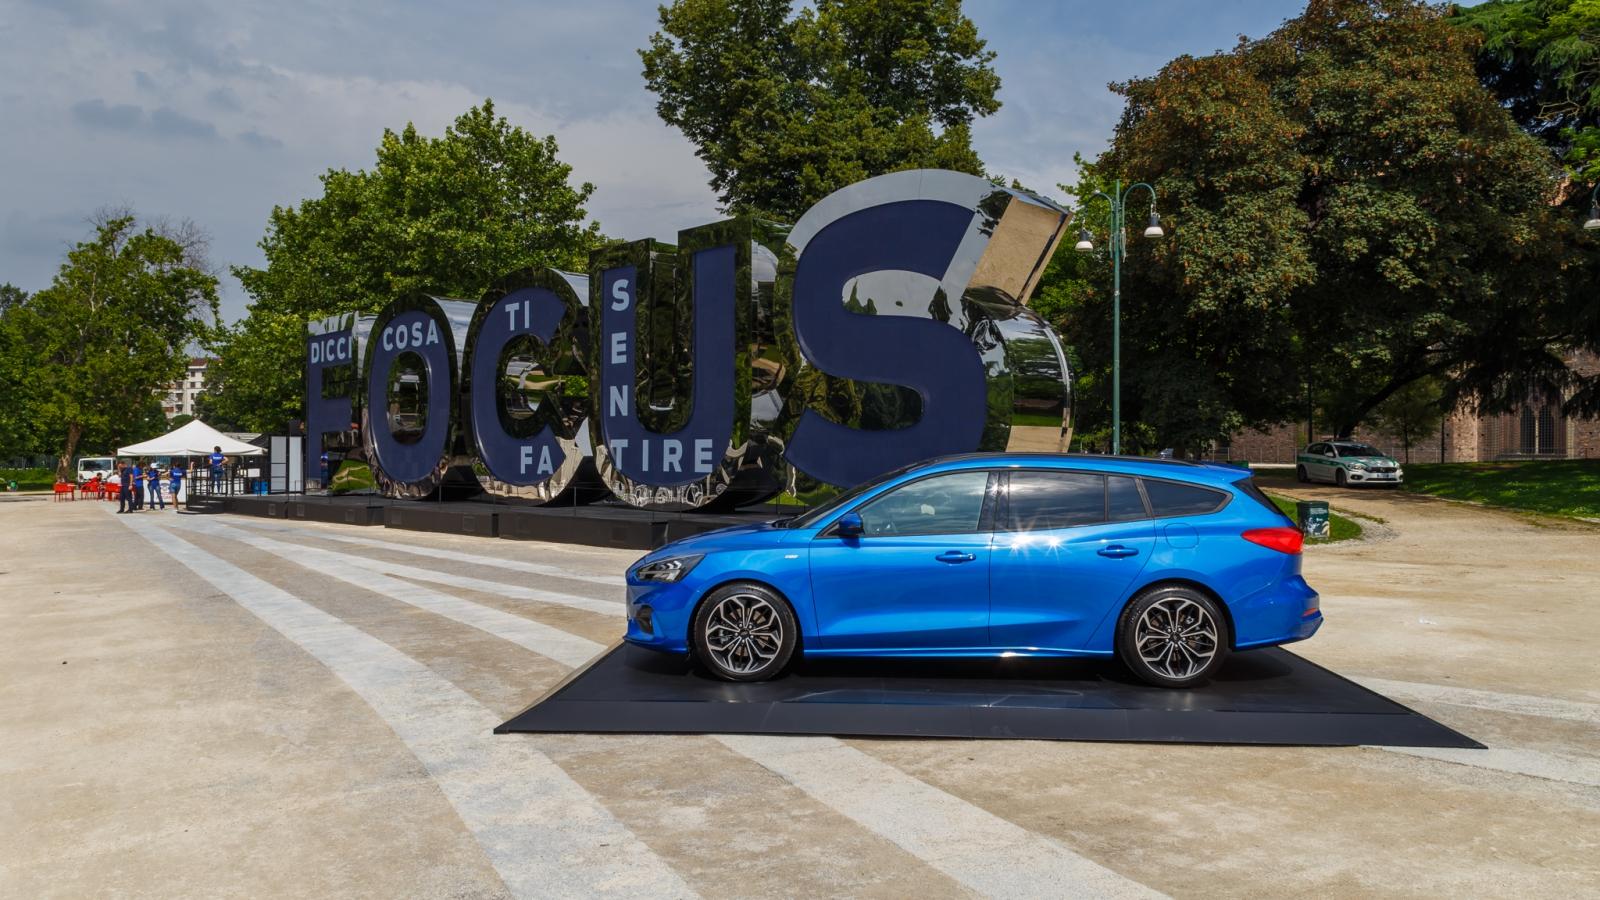 Alla scoperta della nuova Ford Focus con Letters Experience thumbnail